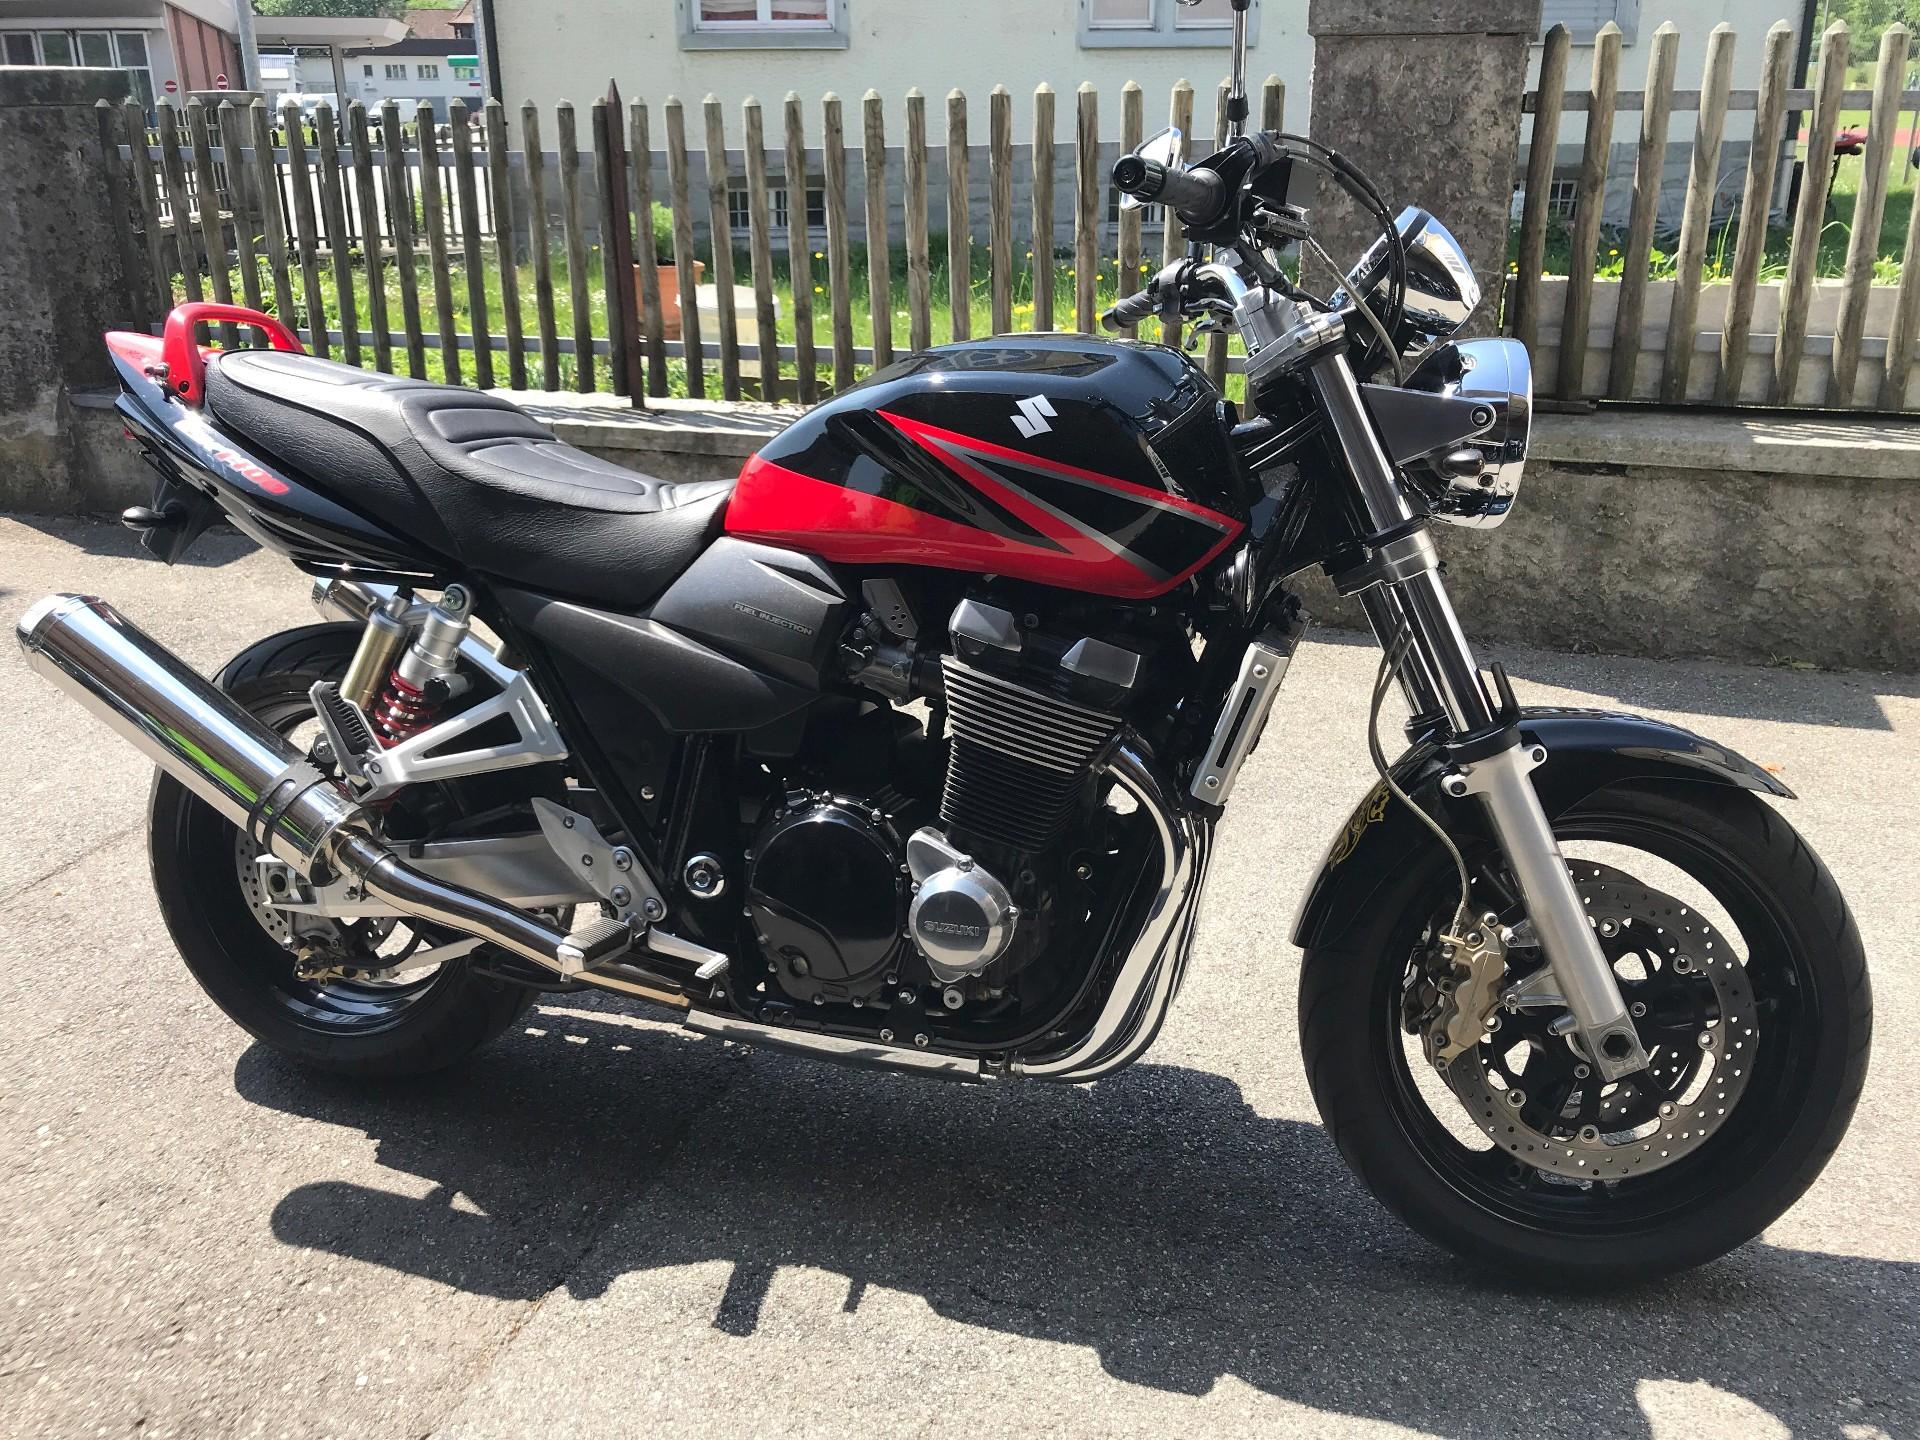 motorrad occasion kaufen suzuki gsx 1400 scorpion inauen zweiradsport ag altst tten. Black Bedroom Furniture Sets. Home Design Ideas